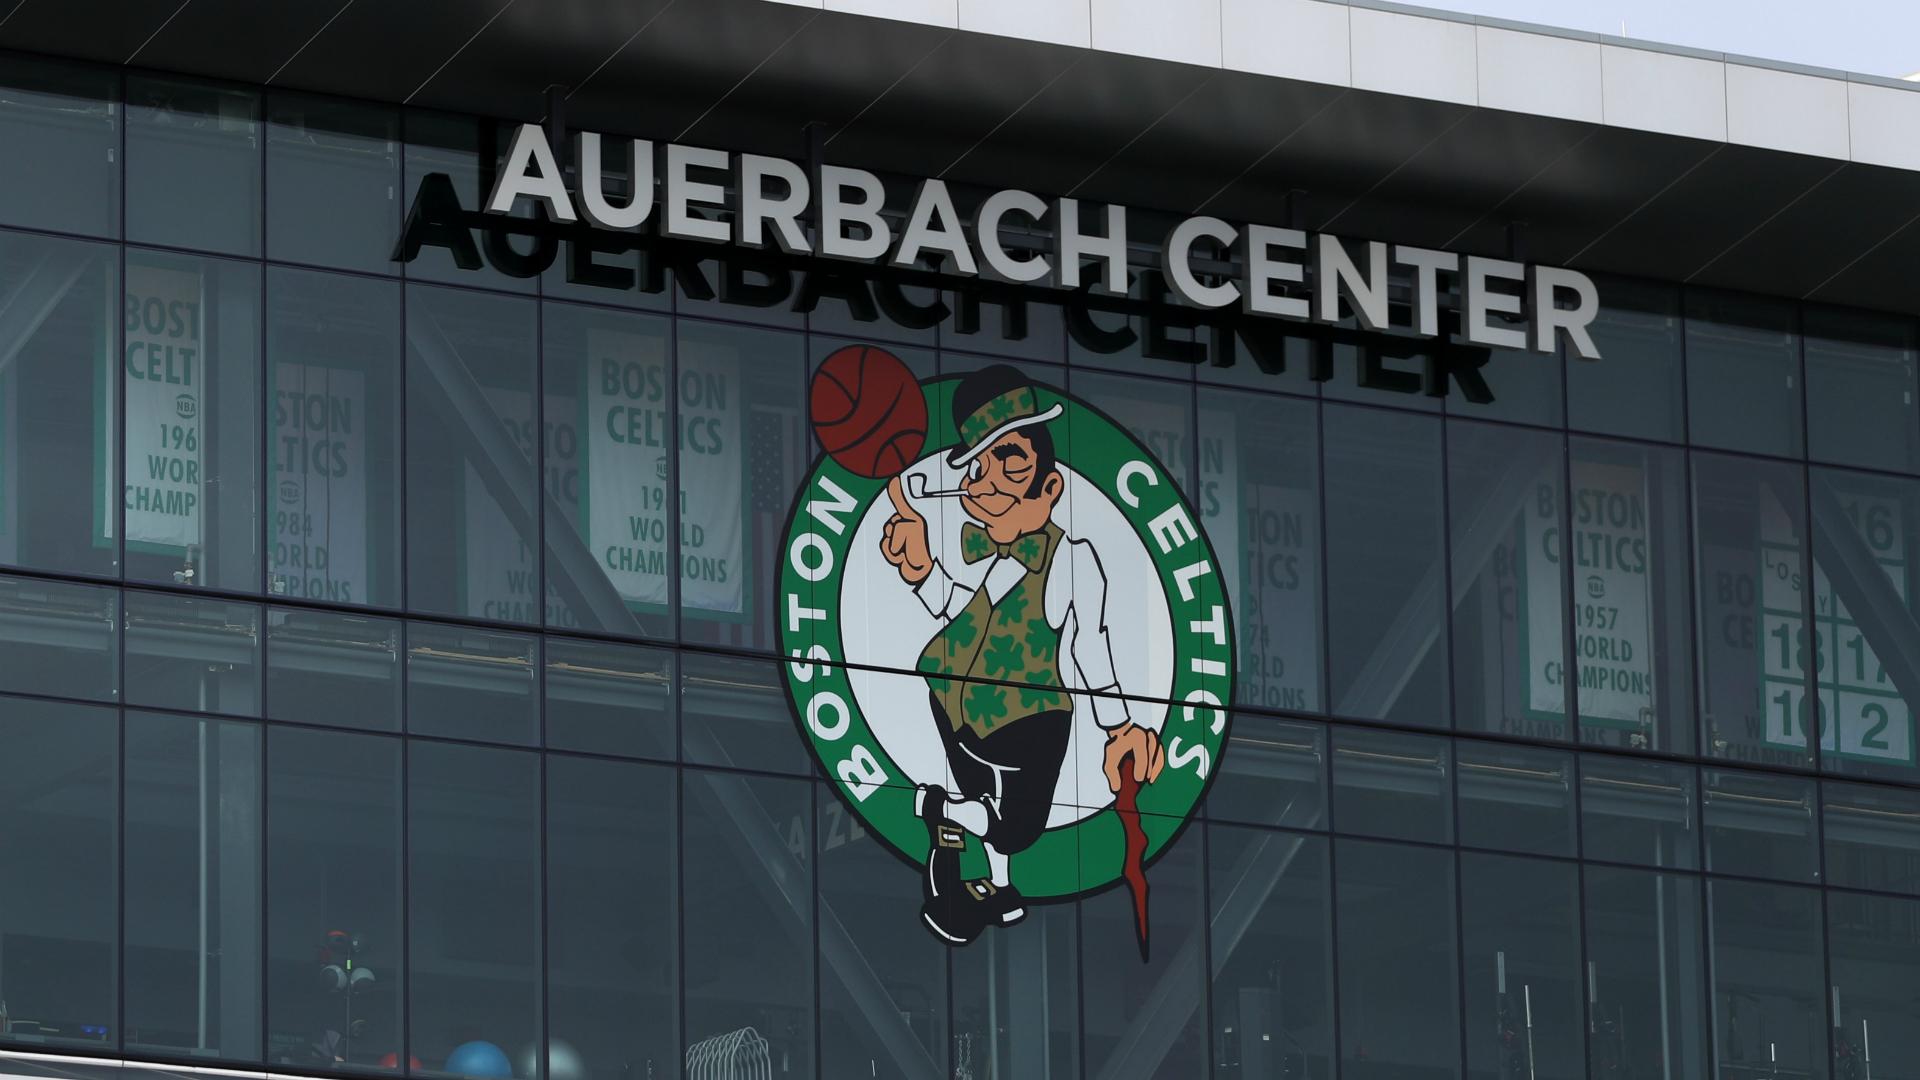 Coronavirus: Massachusetts teams can re-open practice facilities, Celtics set to resume workouts